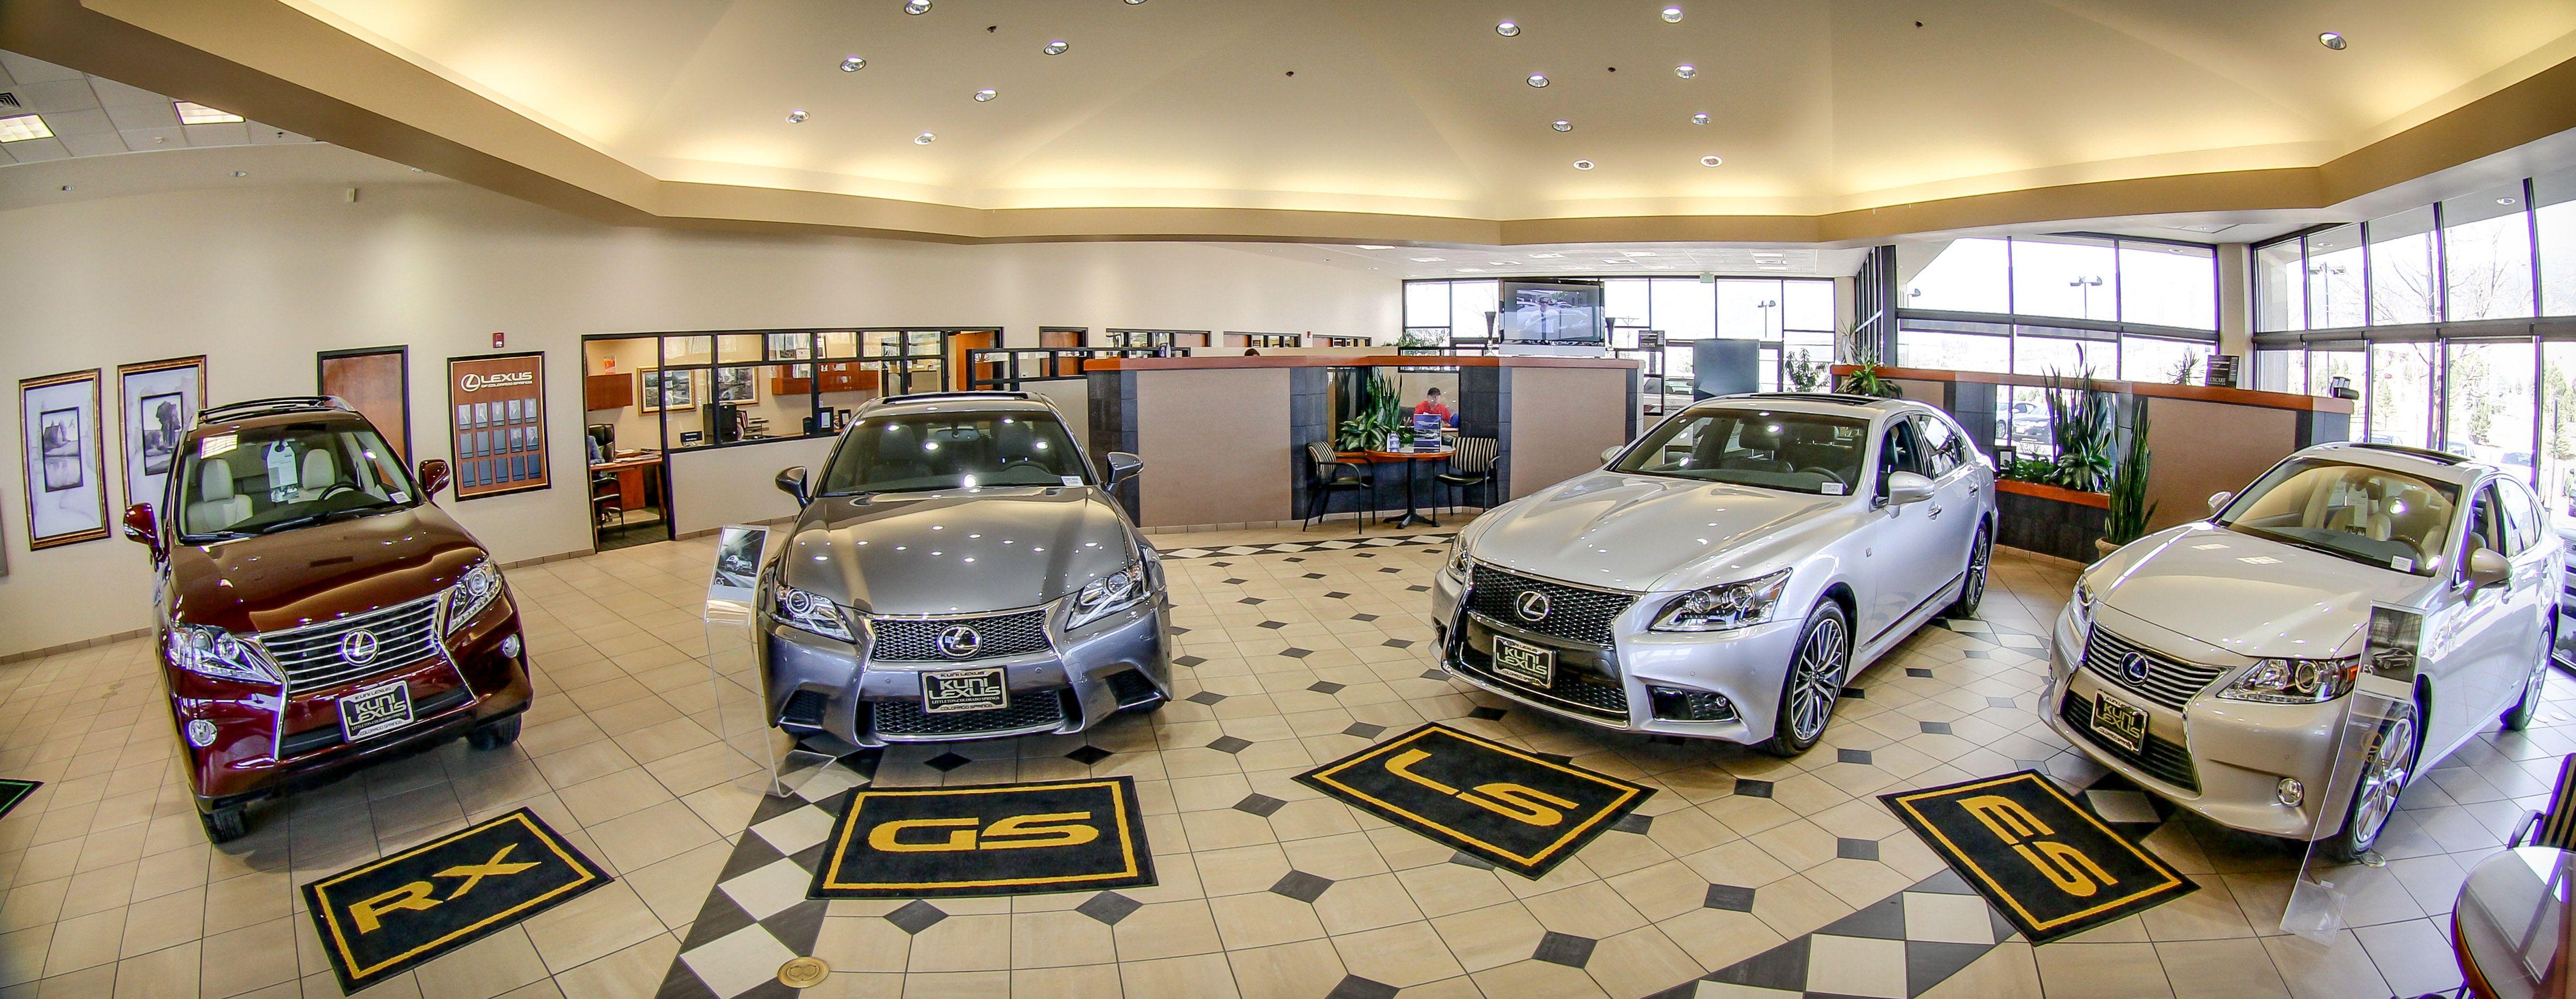 Kuni Lexus of Colorado Springs dealership showroom New Lexus eye